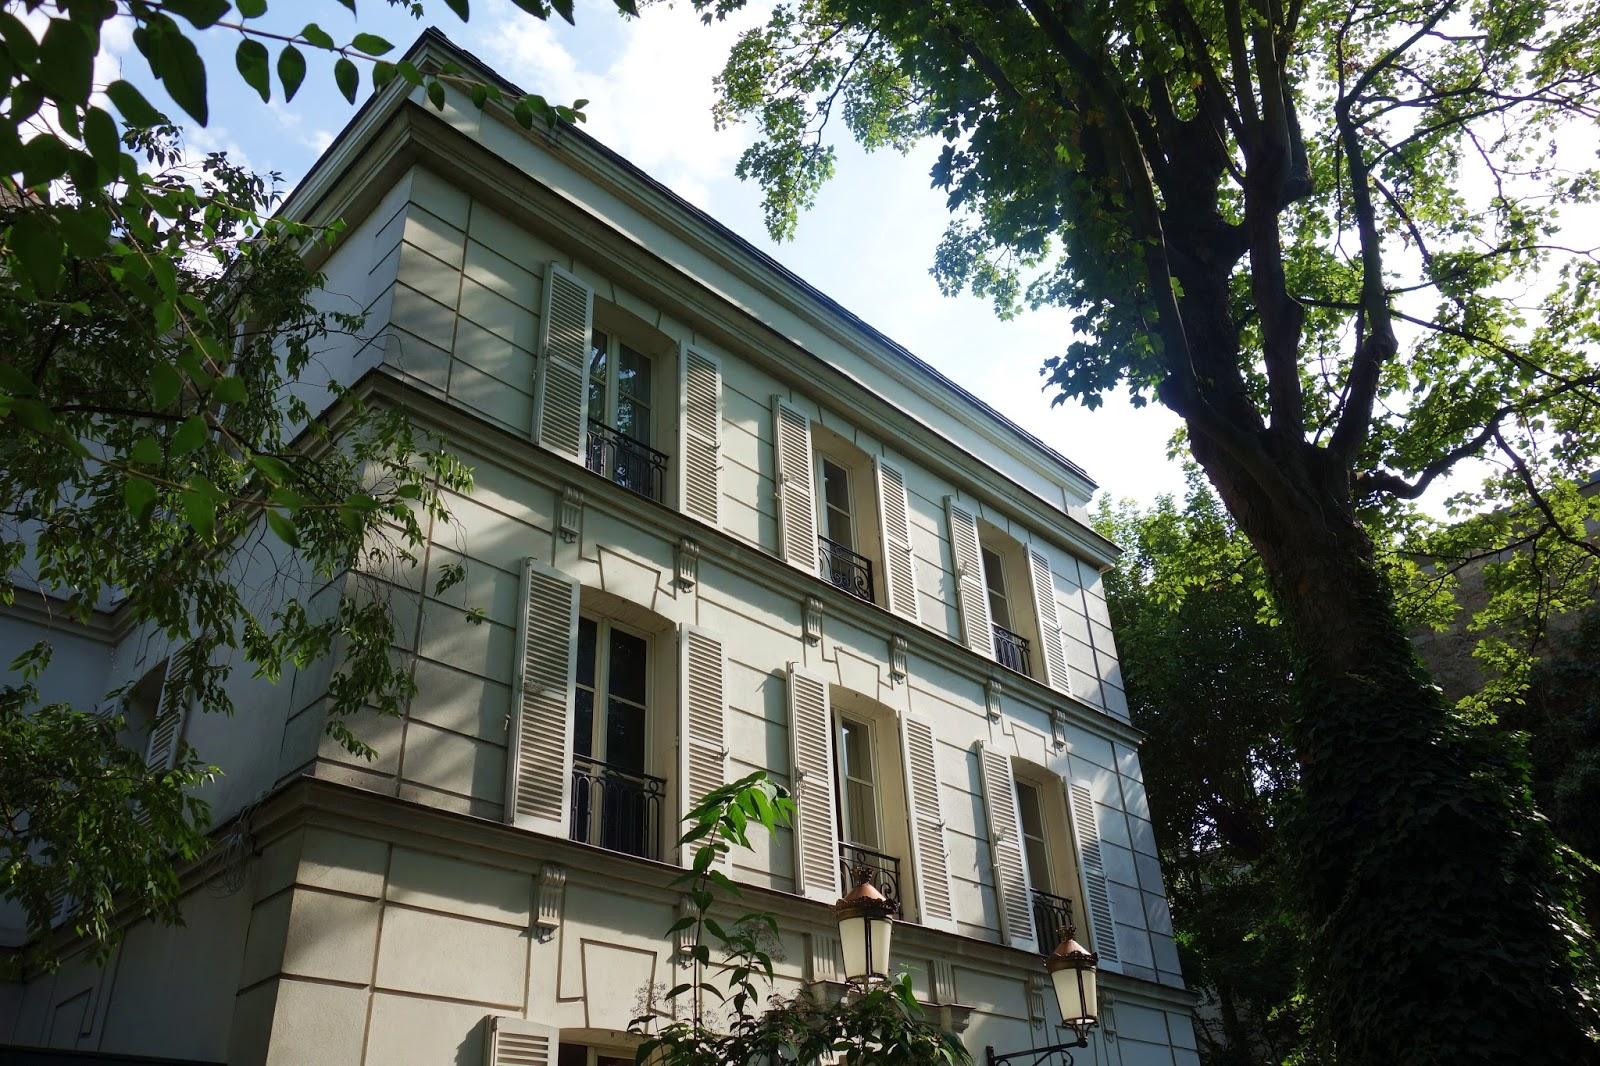 ee0df2146d0c La belle demeure bourgeoise de style Directoire qui trône au centre de cet  écrin de verdure a été construite en 1871 puis reconstruite en 1997 à la  suite ...